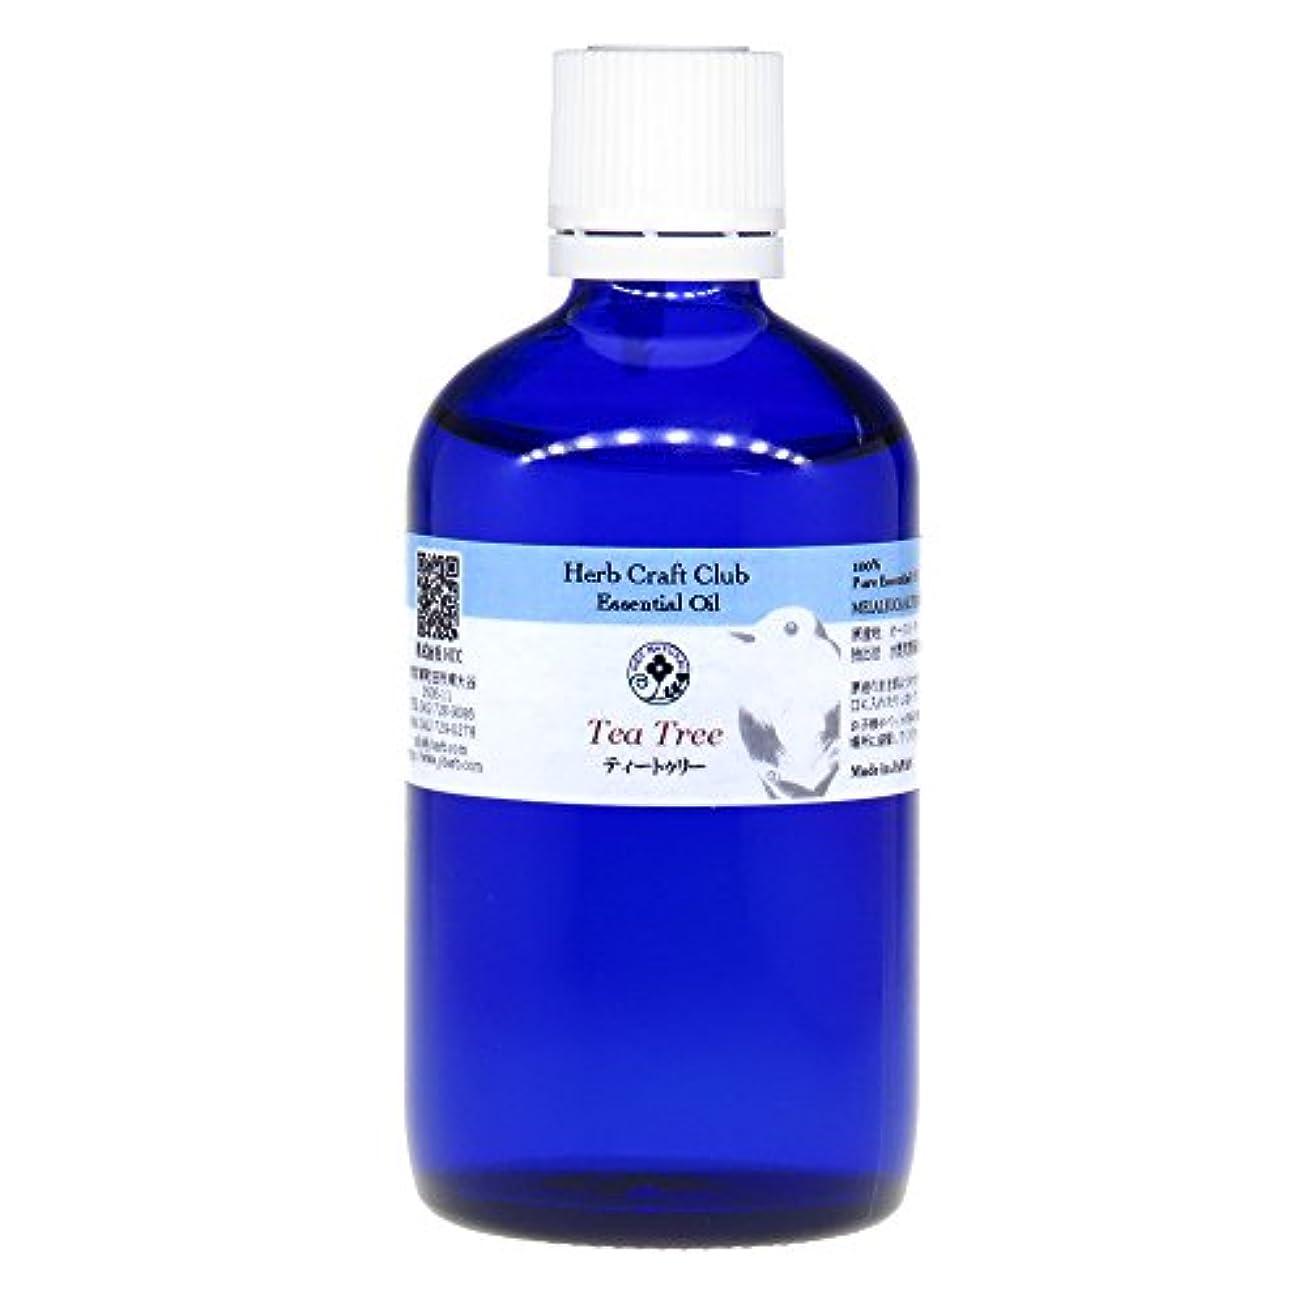 ティートゥリー105ml 100%天然エッセンシャルオイル ※徳用サイズ 卸価格